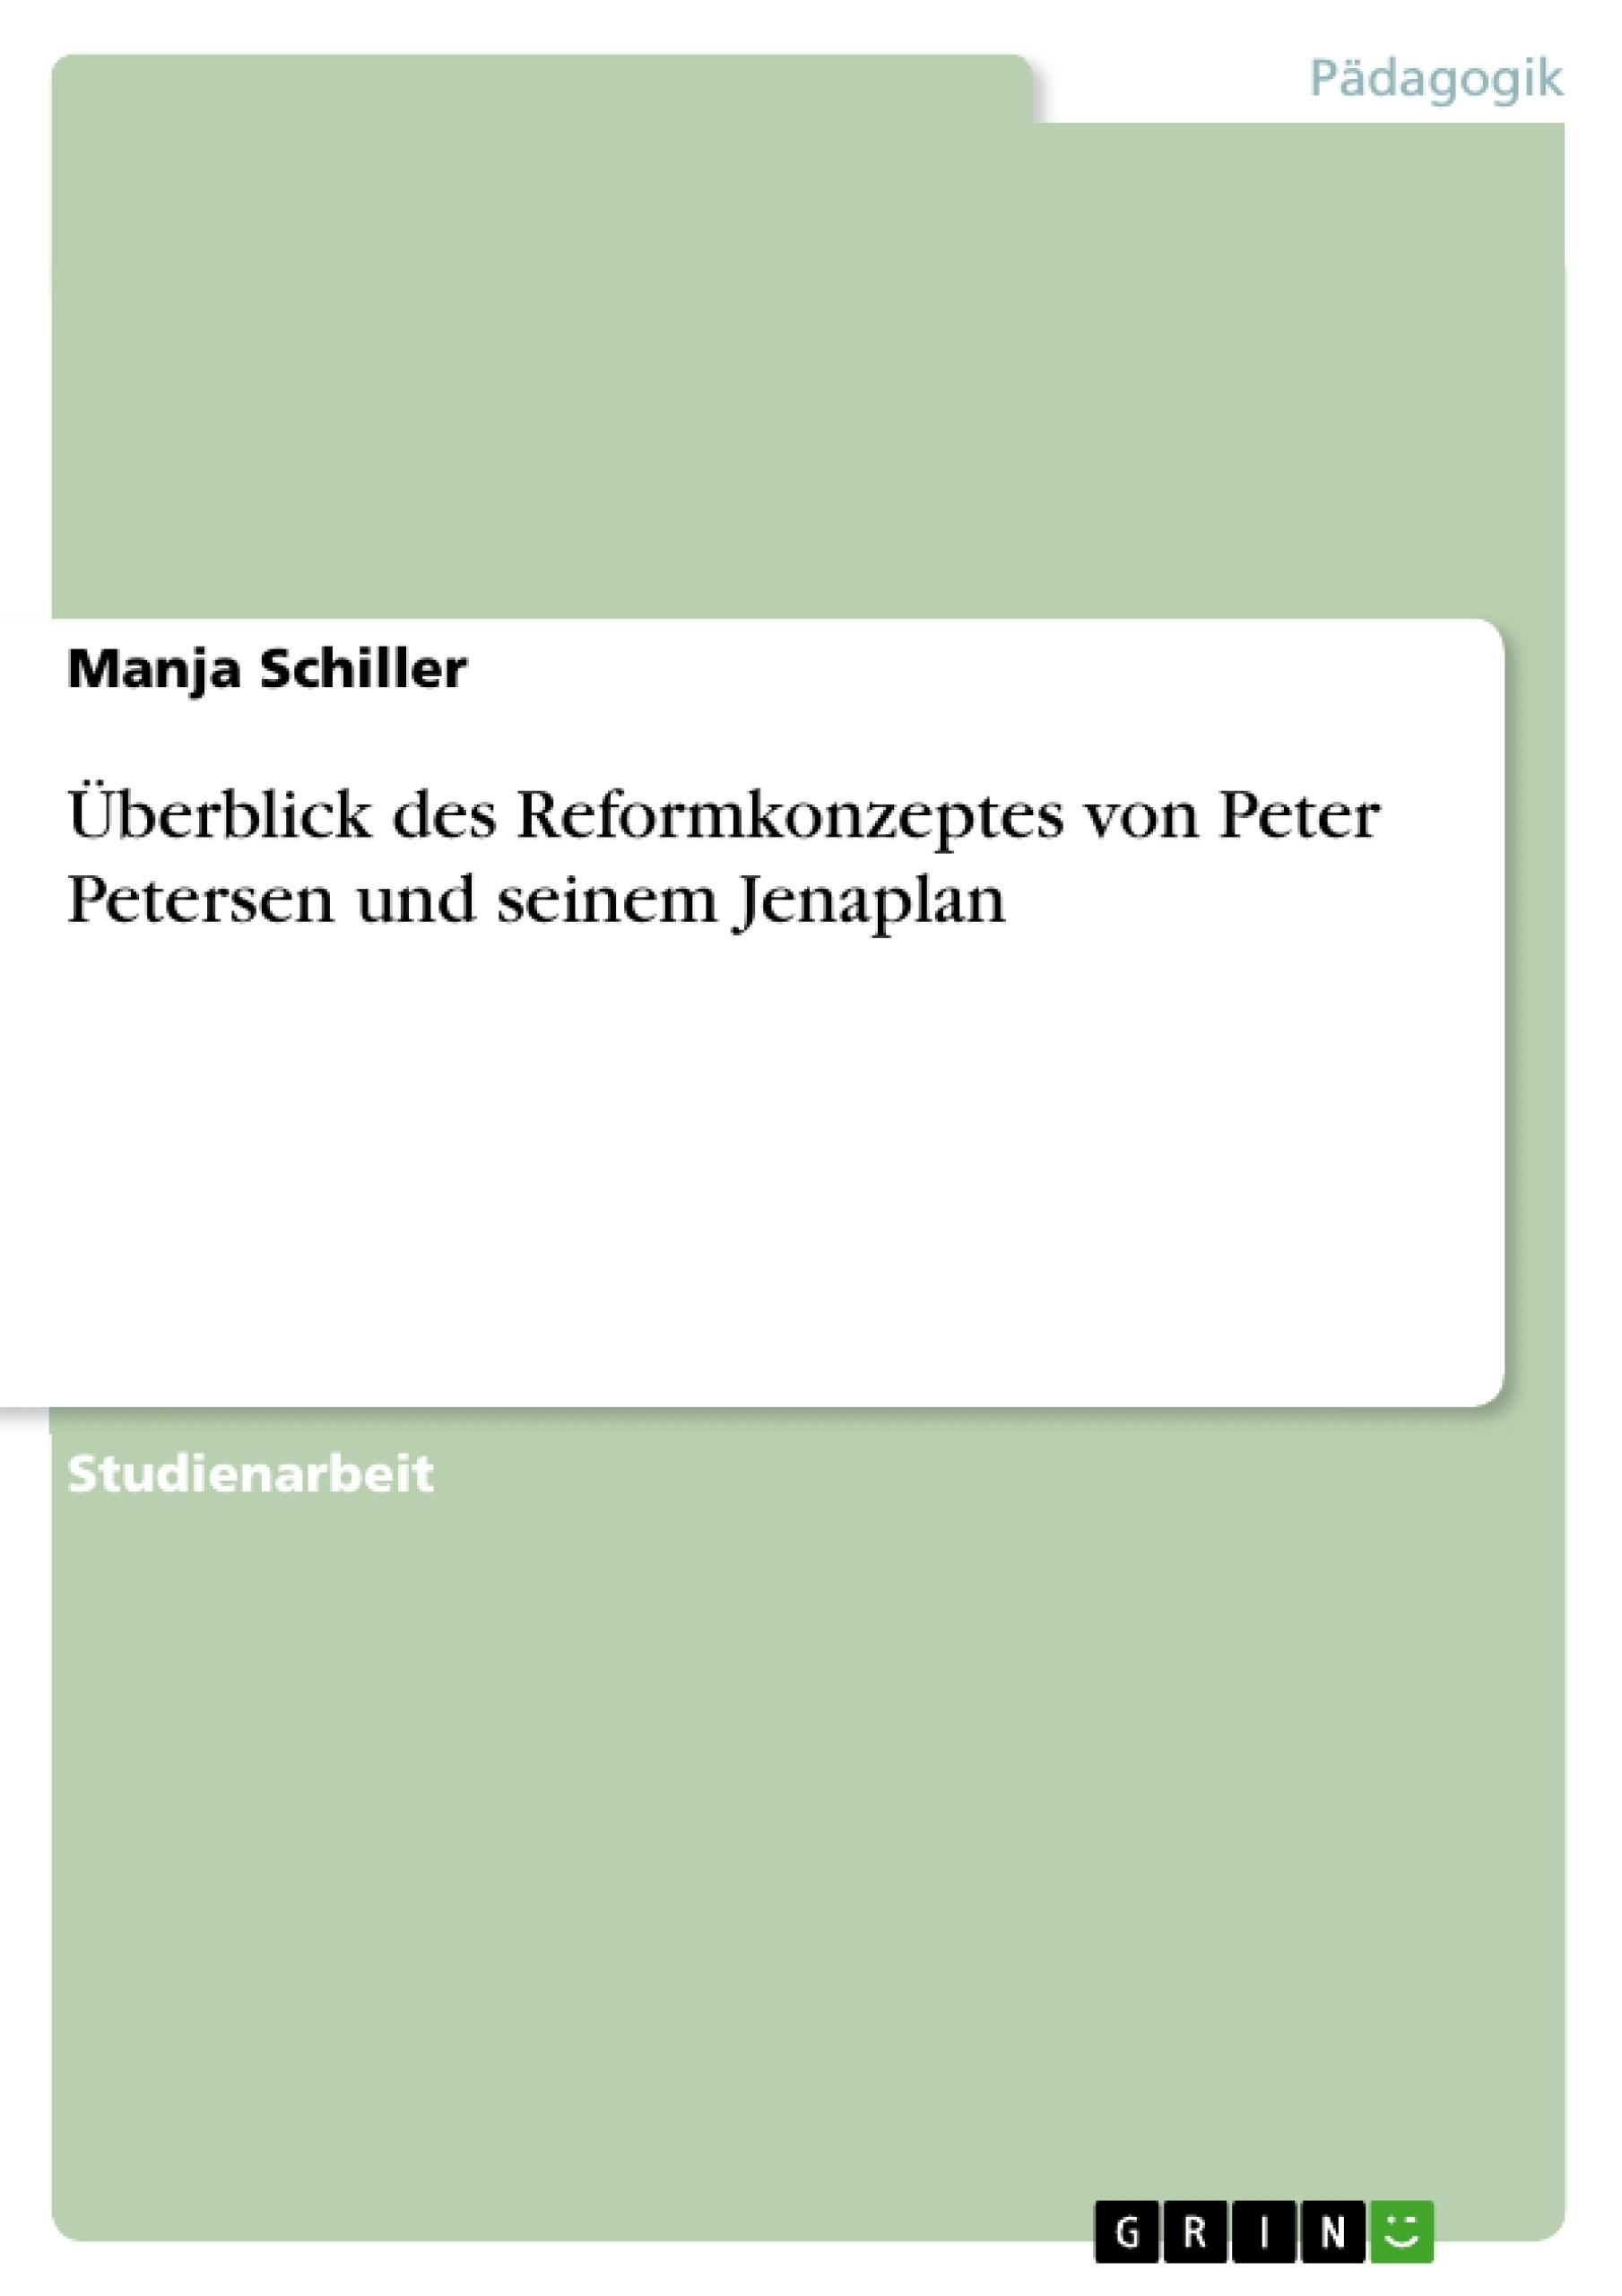 Titel: Überblick des Reformkonzeptes von Peter Petersen und seinem Jenaplan